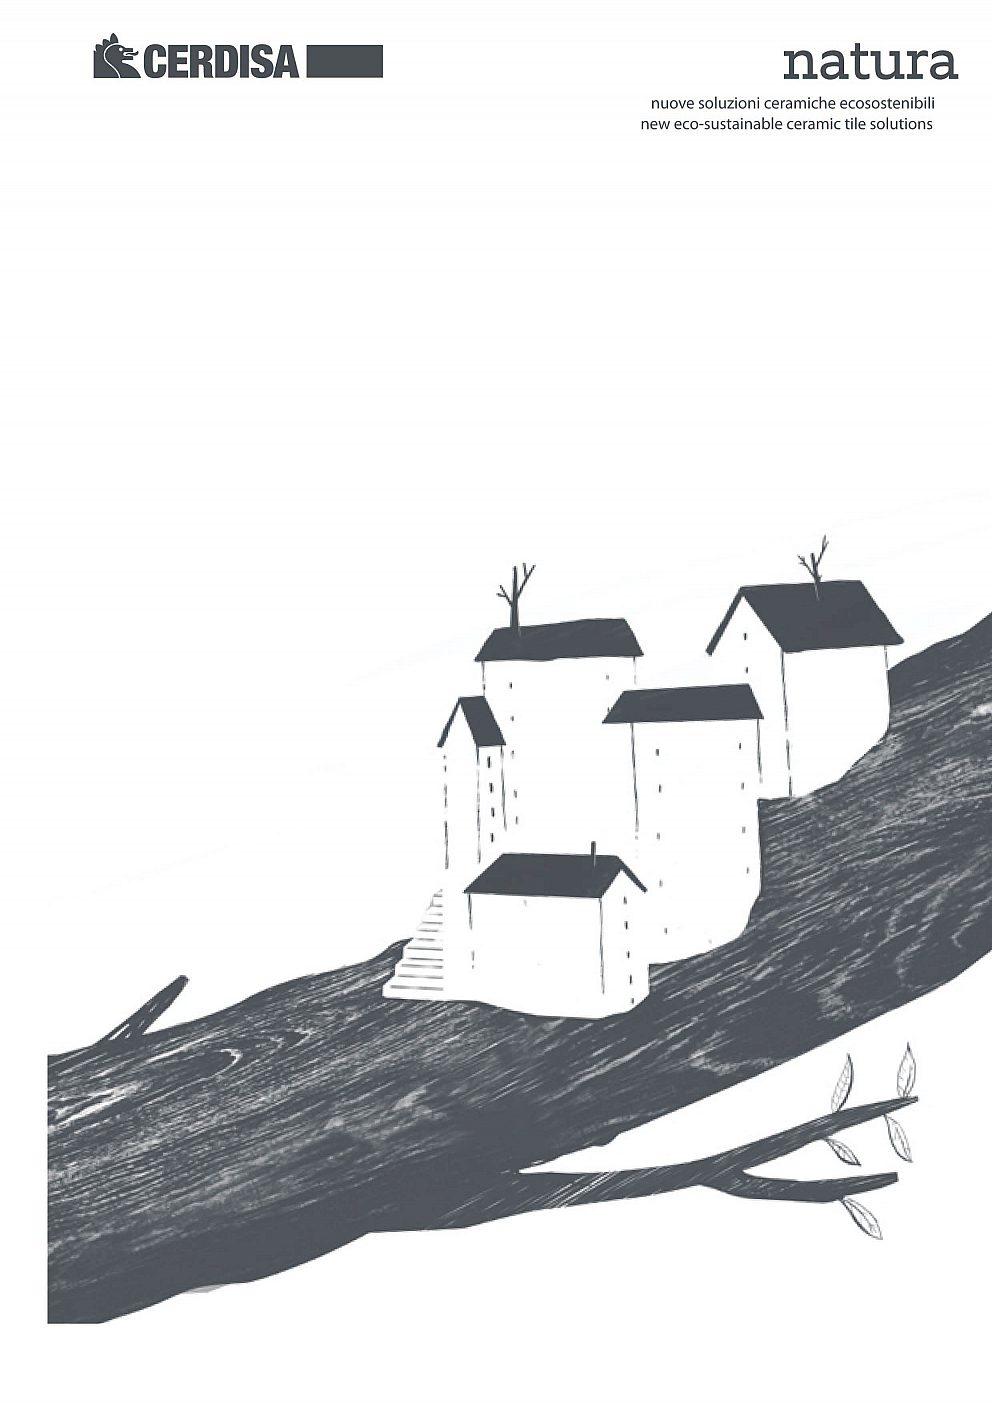 Cerdisa - Natura